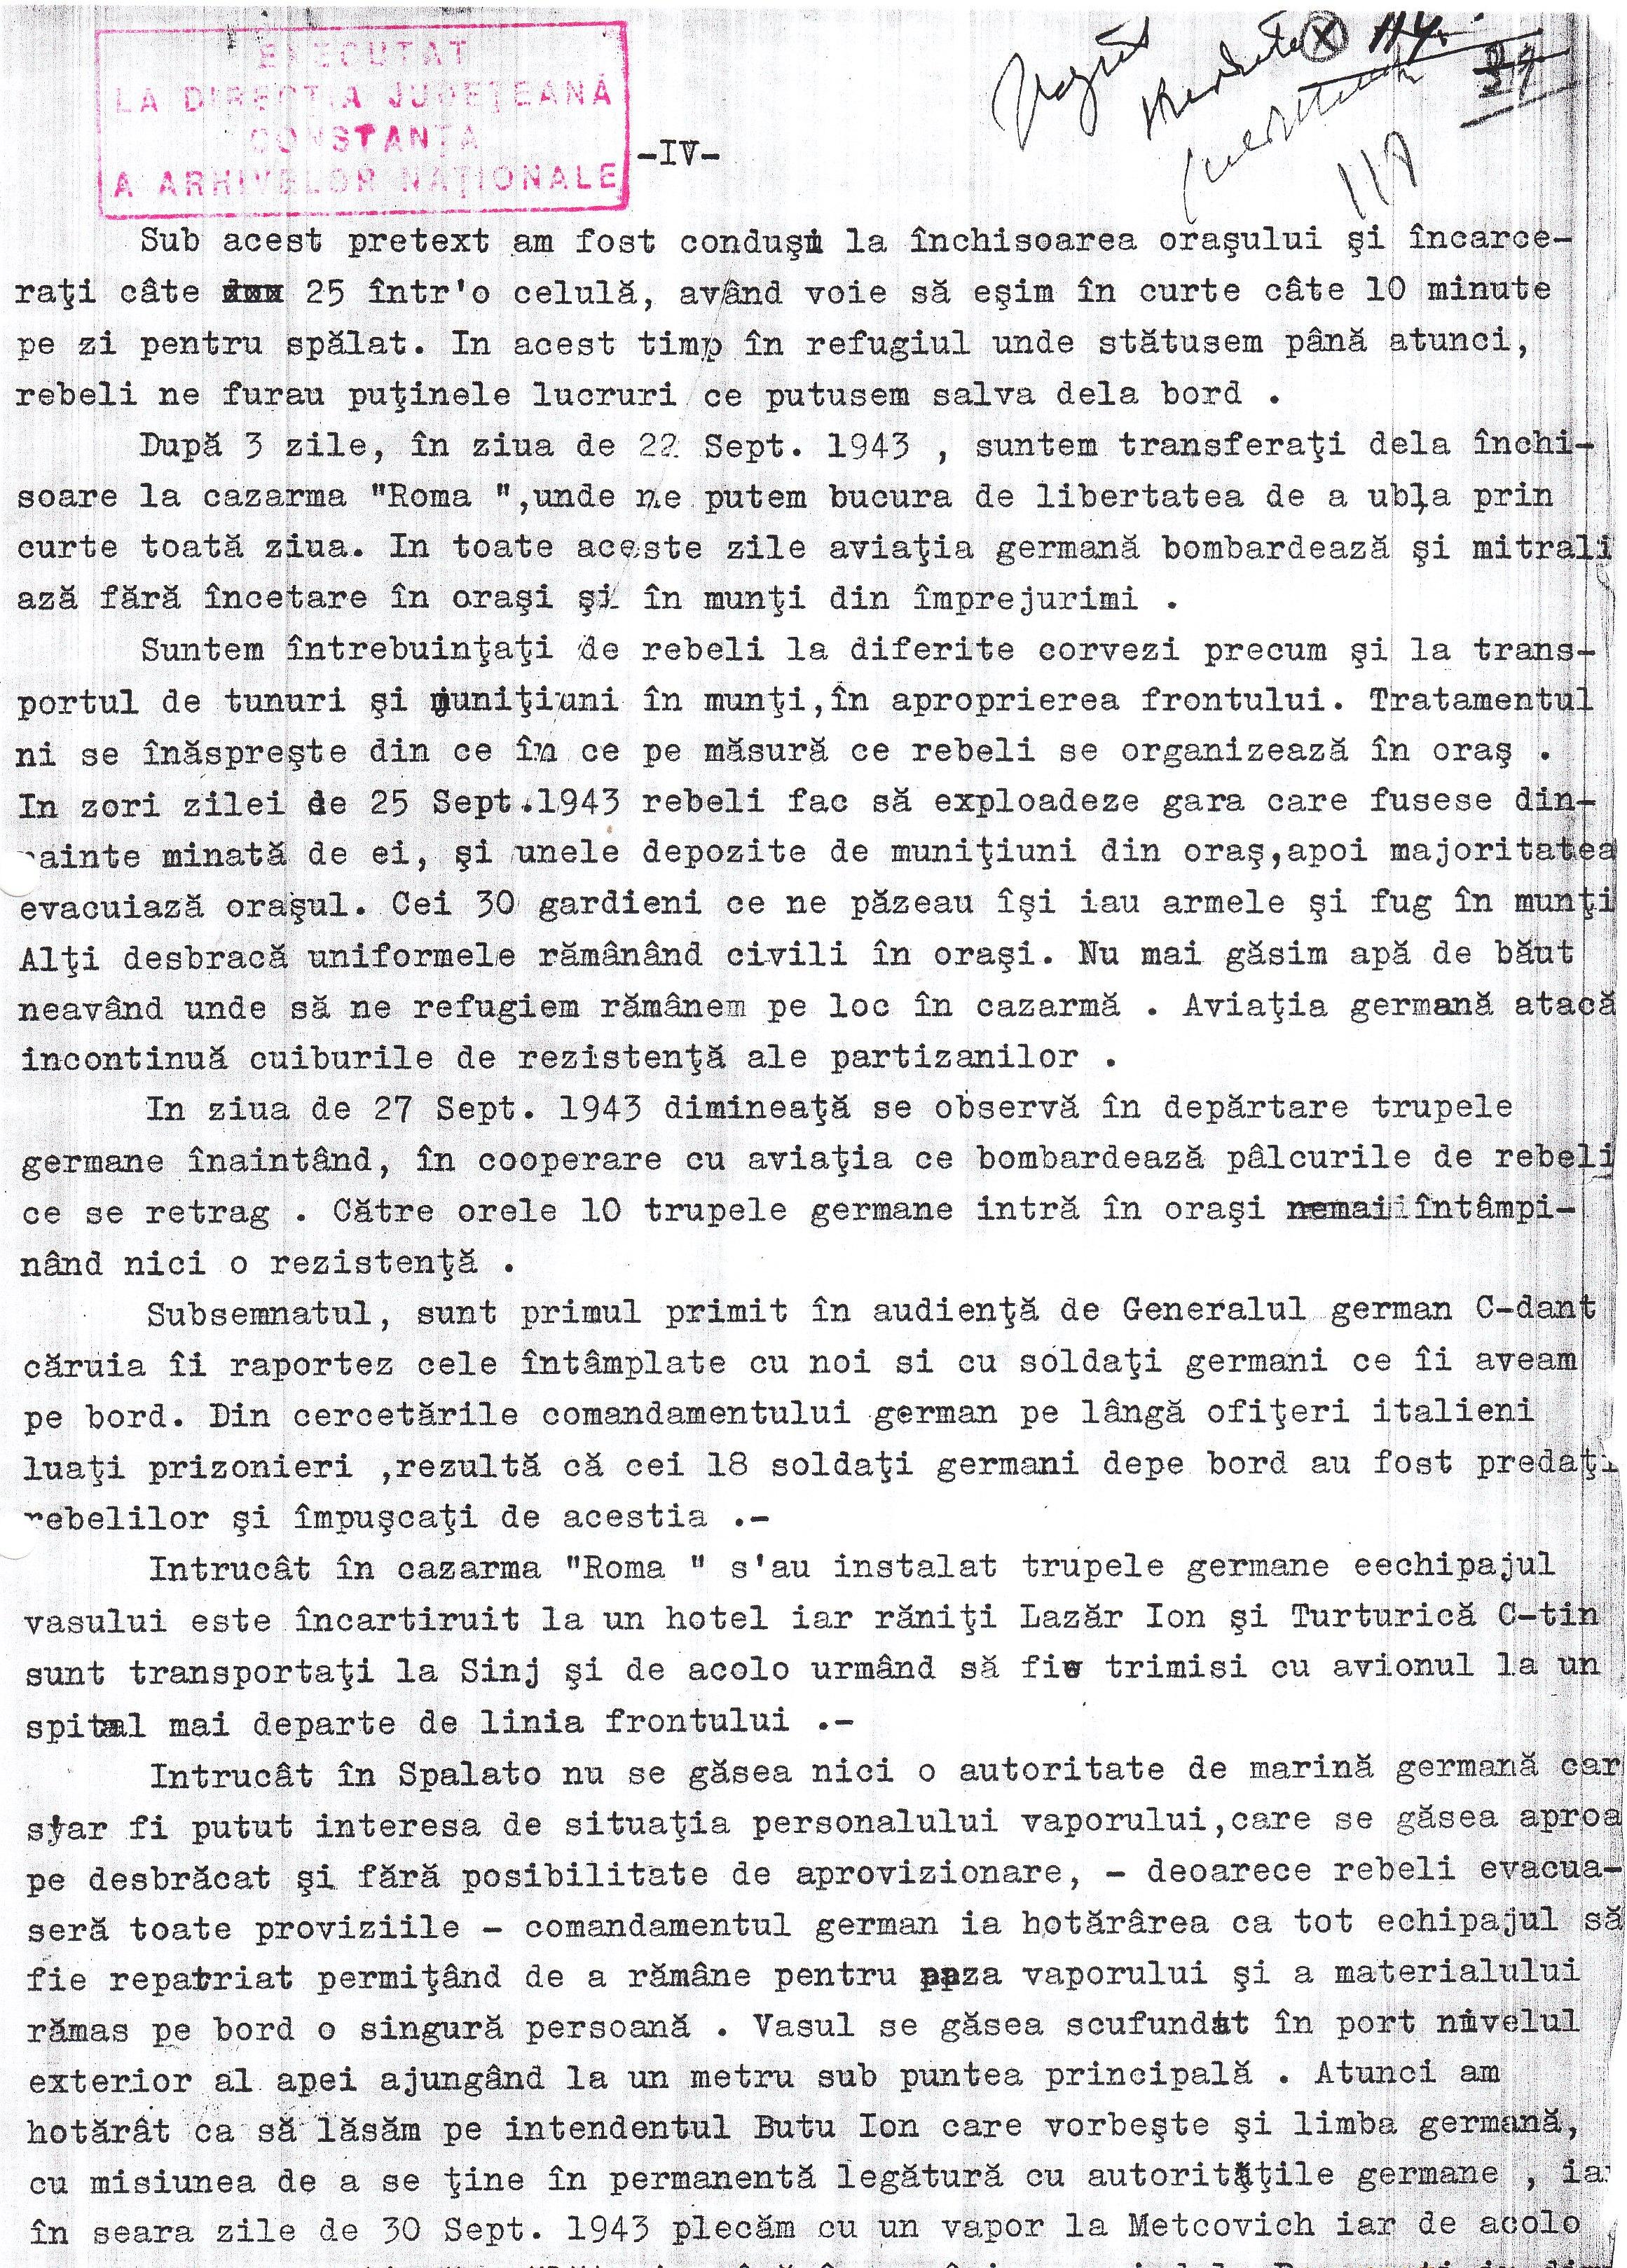 """Protestul de Mare , depus de Alexandru Filipan, comandantul navei """"Balcic"""" (pagina 4)."""